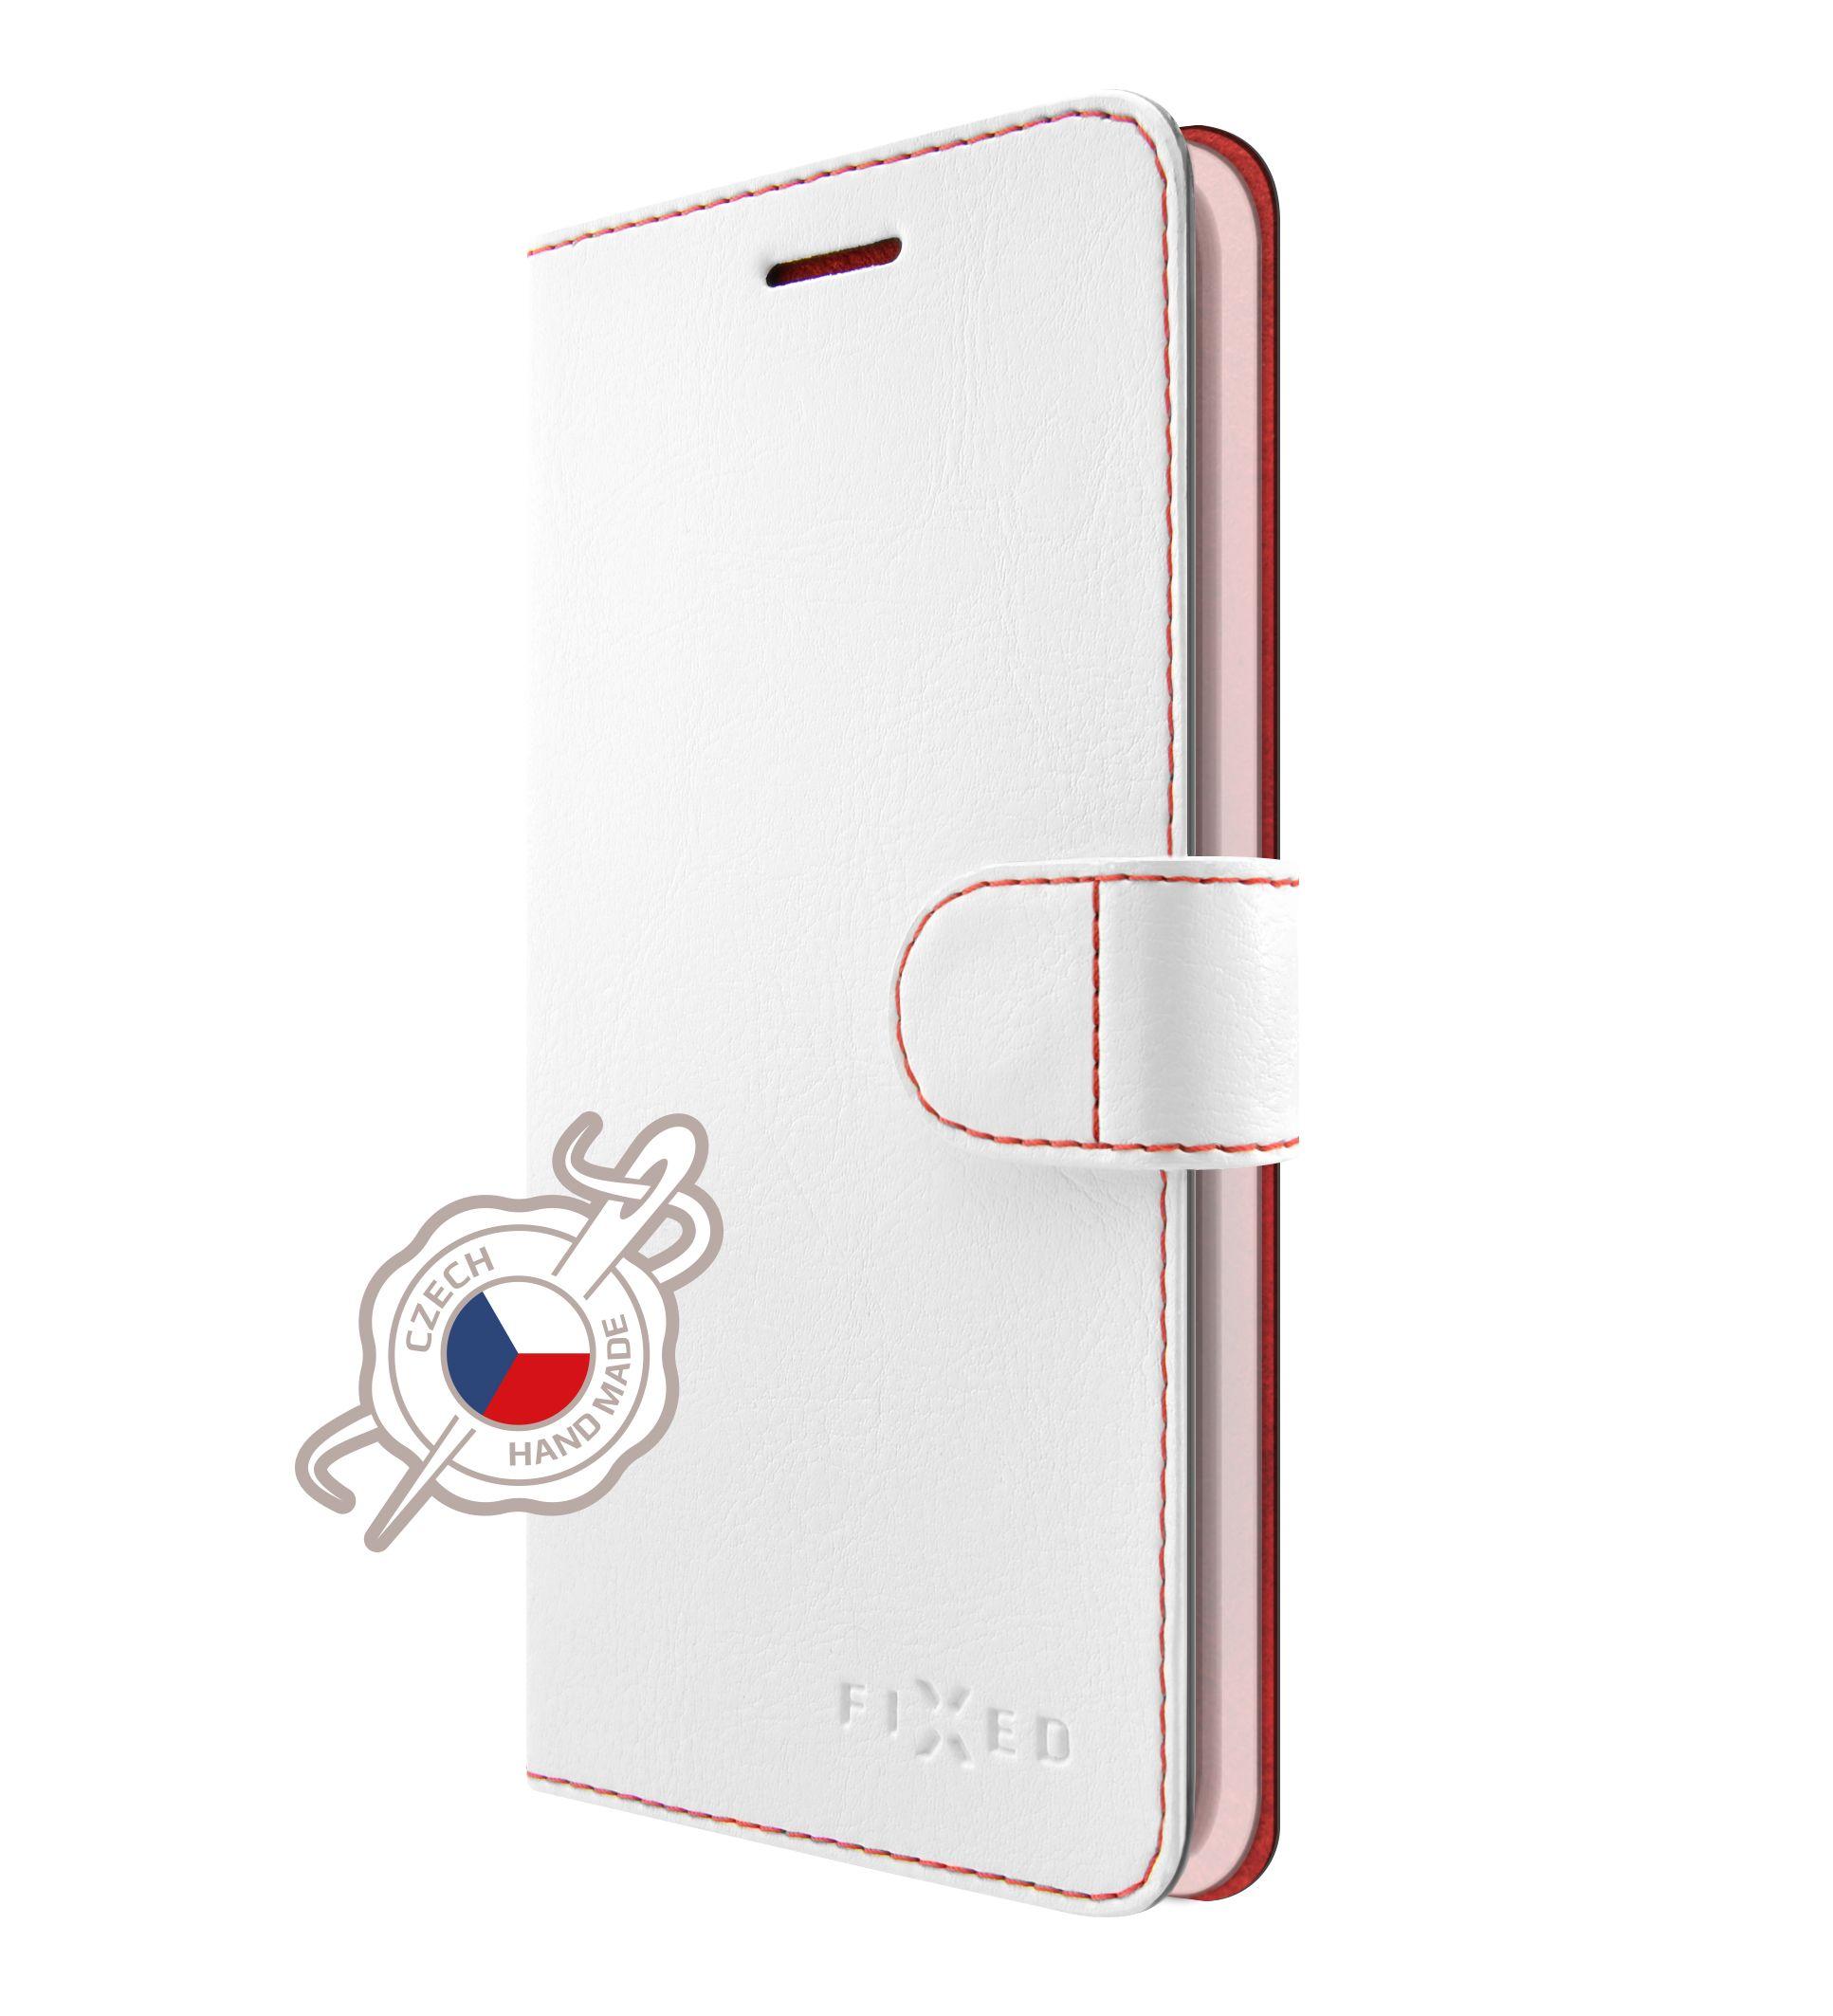 Pouzdro typu kniha FIXED FIT pro Huawei Y7 Prime (2018), bílé